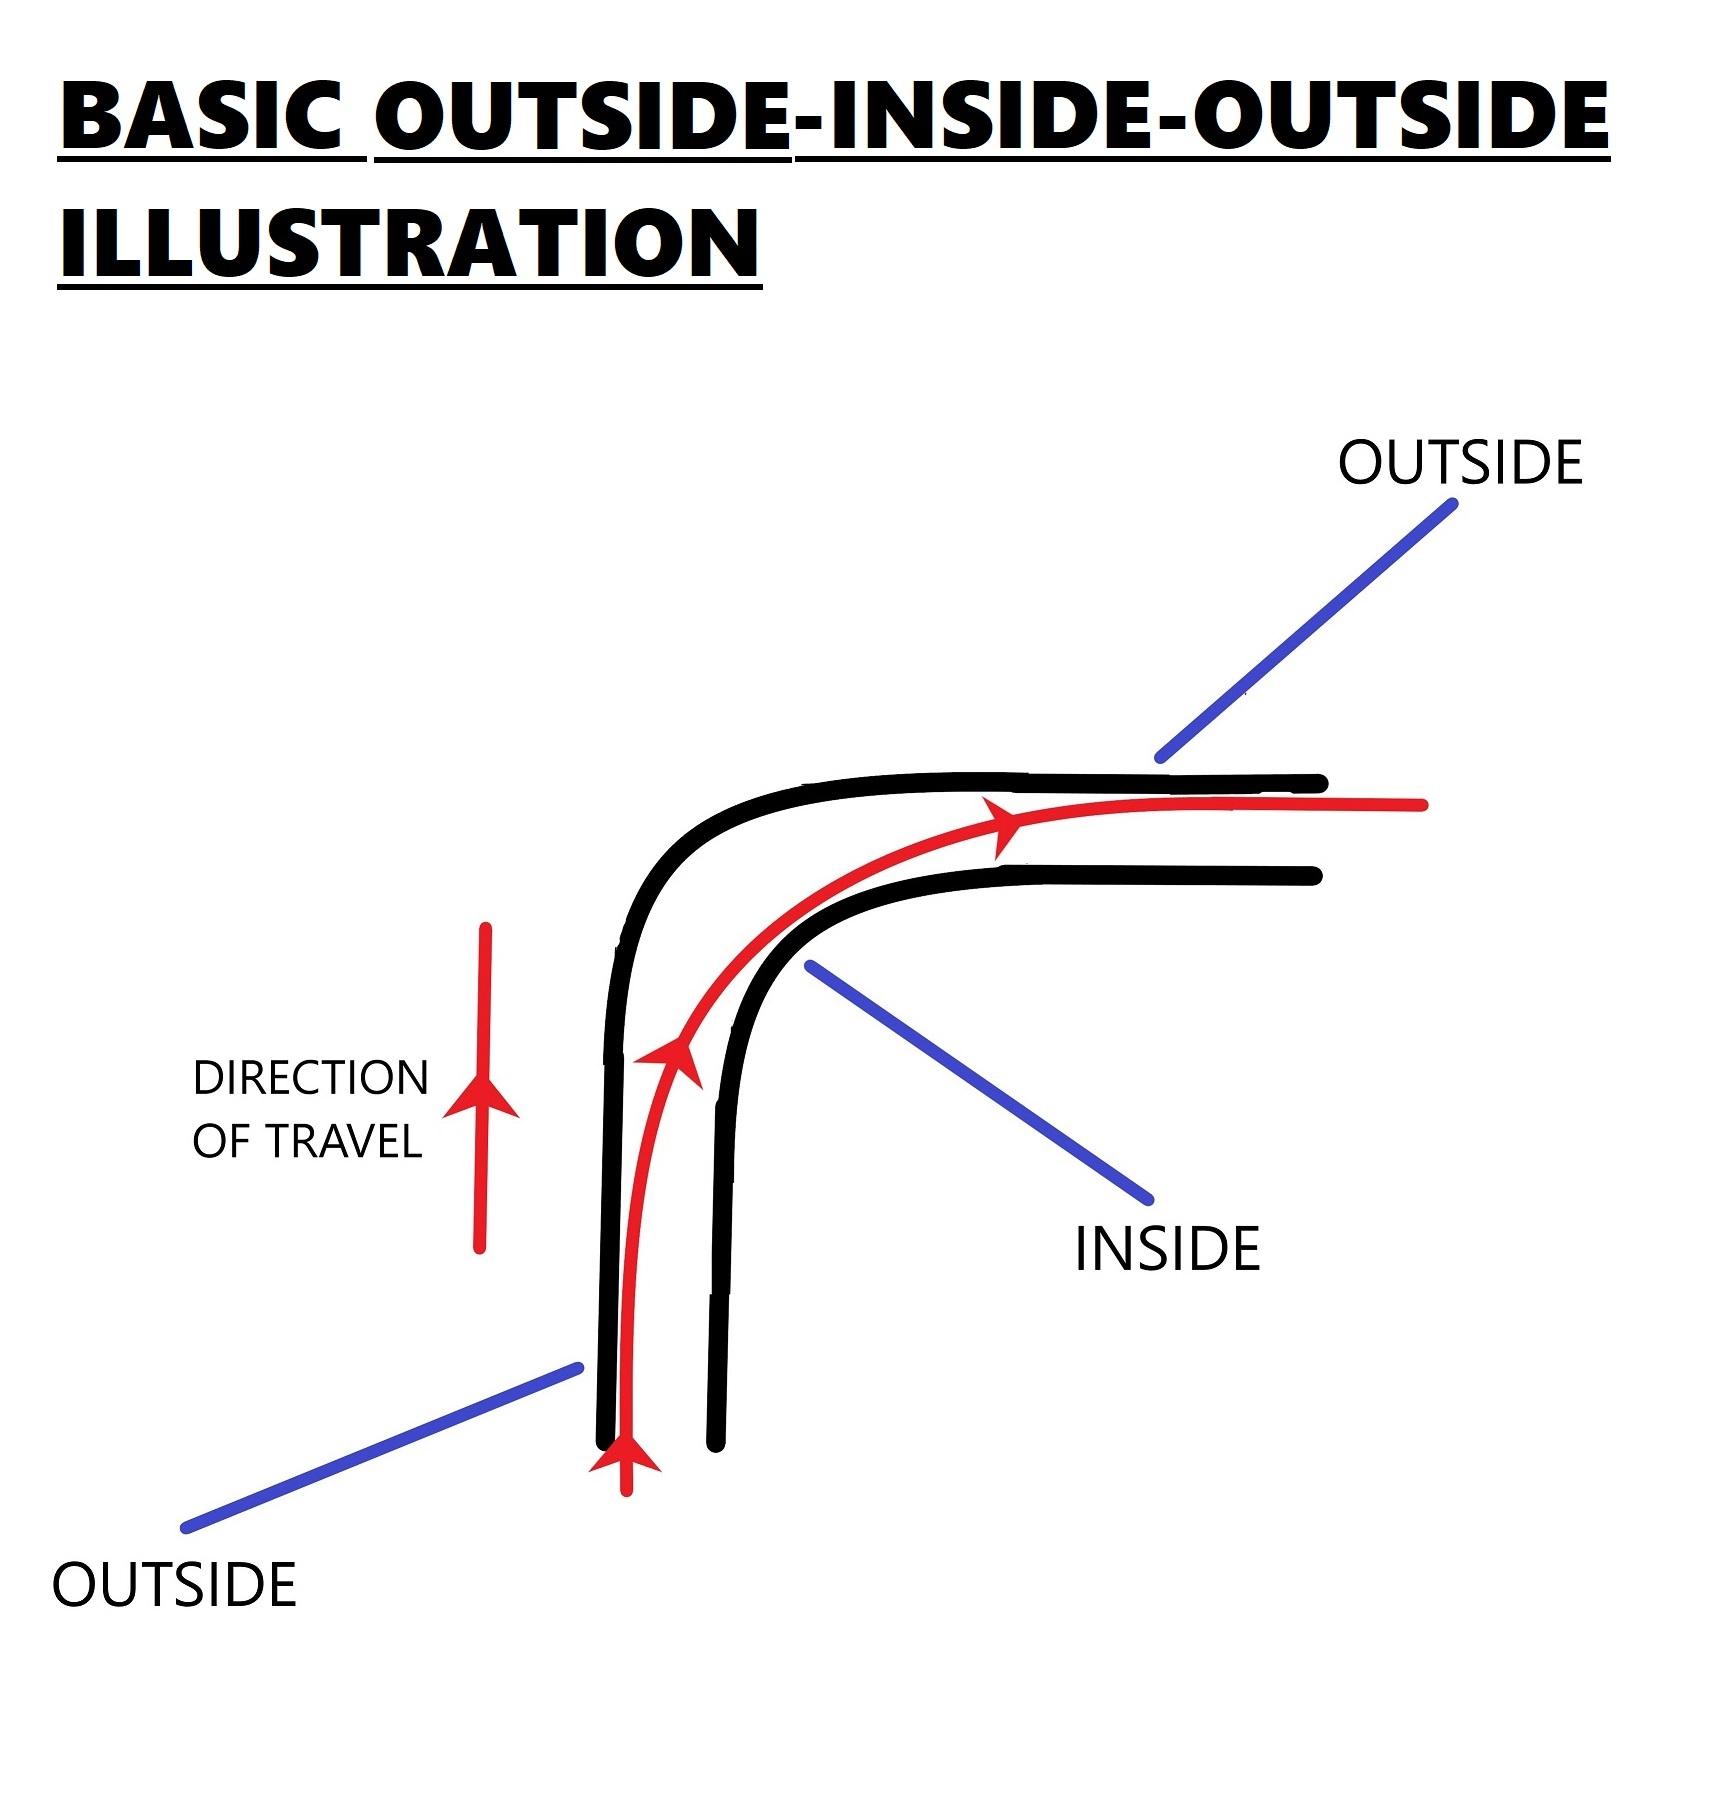 longboard through turns - outside, inside, outside principle